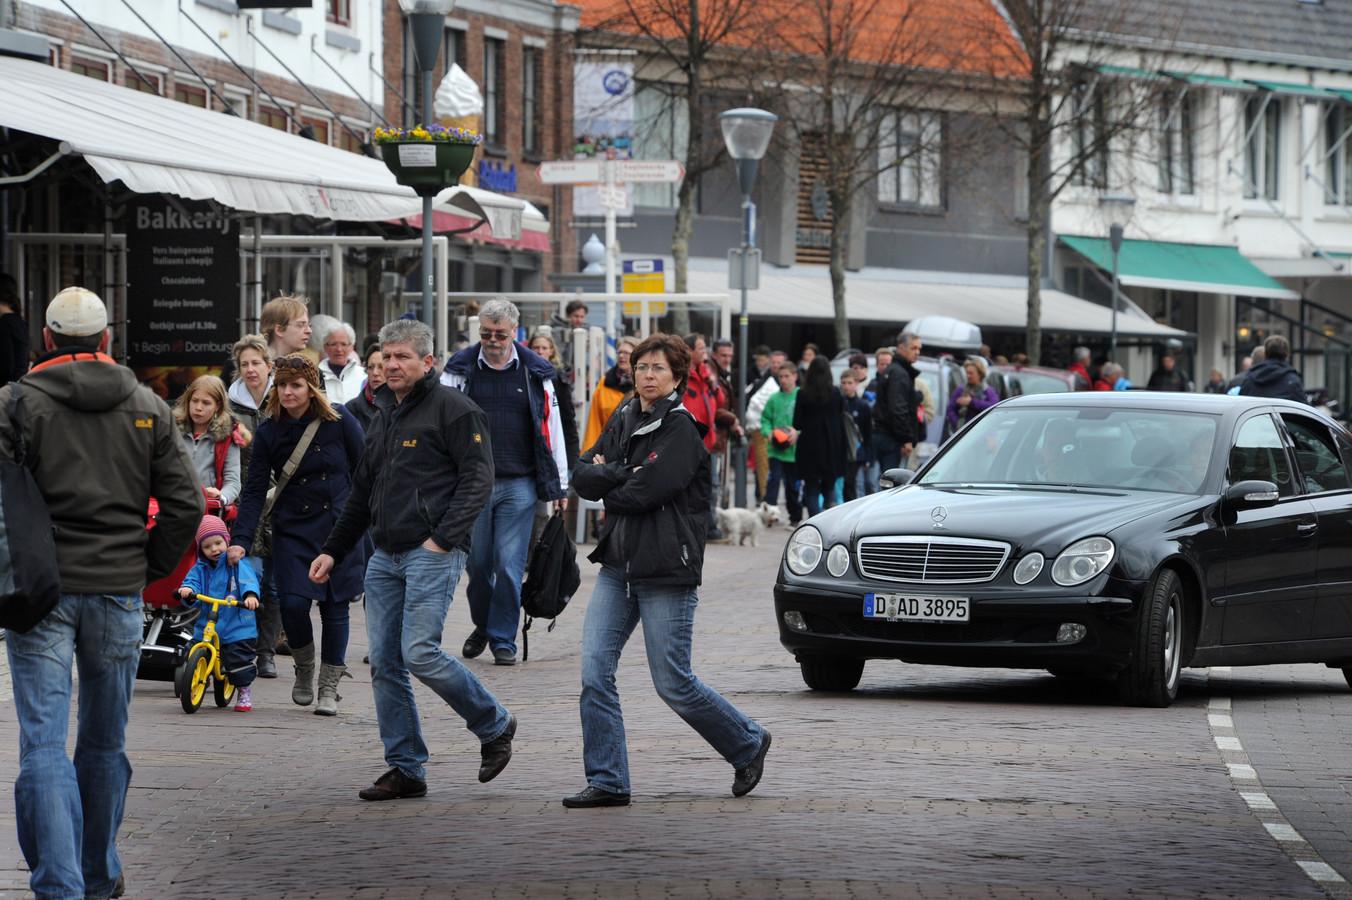 De stadsraad en de Domburgse ondernemersvereniging willen dat het centrum van twaalf uur 's middags tot middernacht autoluw wordt.